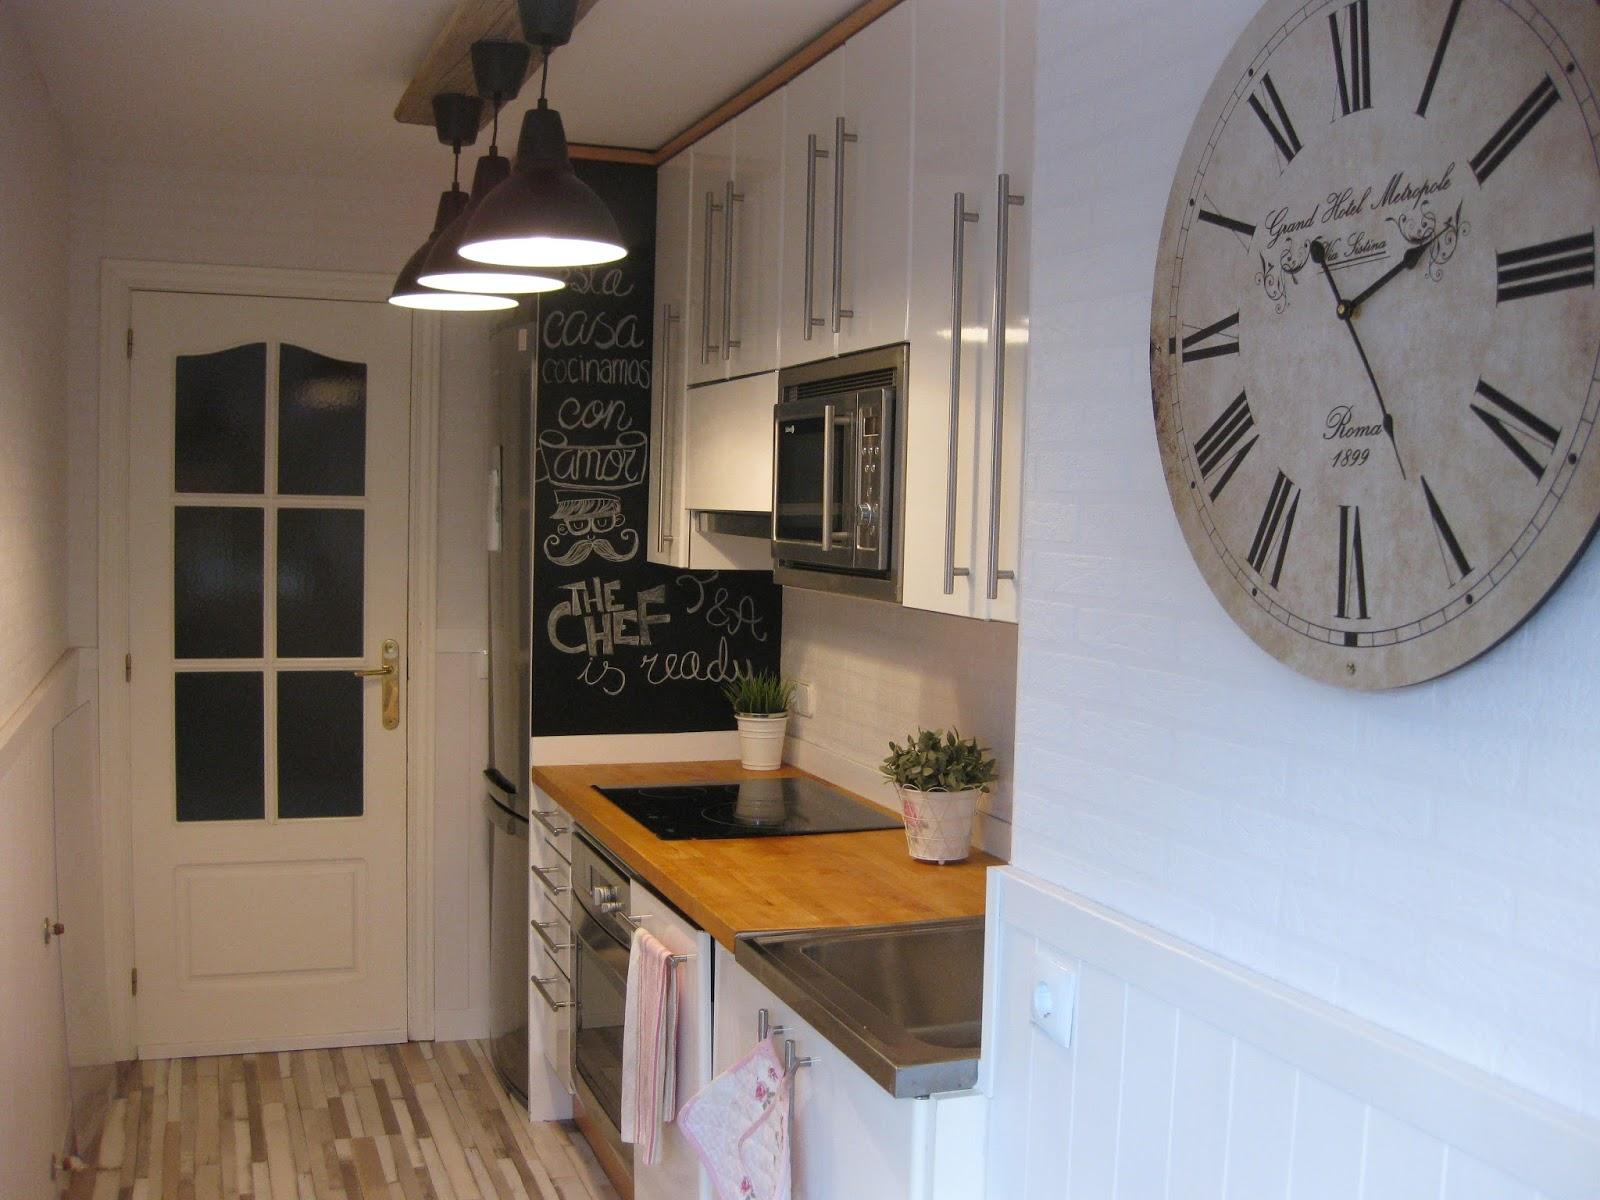 Diy crear una pared pizarra con pintura en spray handbox craft lovers comunidad diy - Pintura pared cocina ...